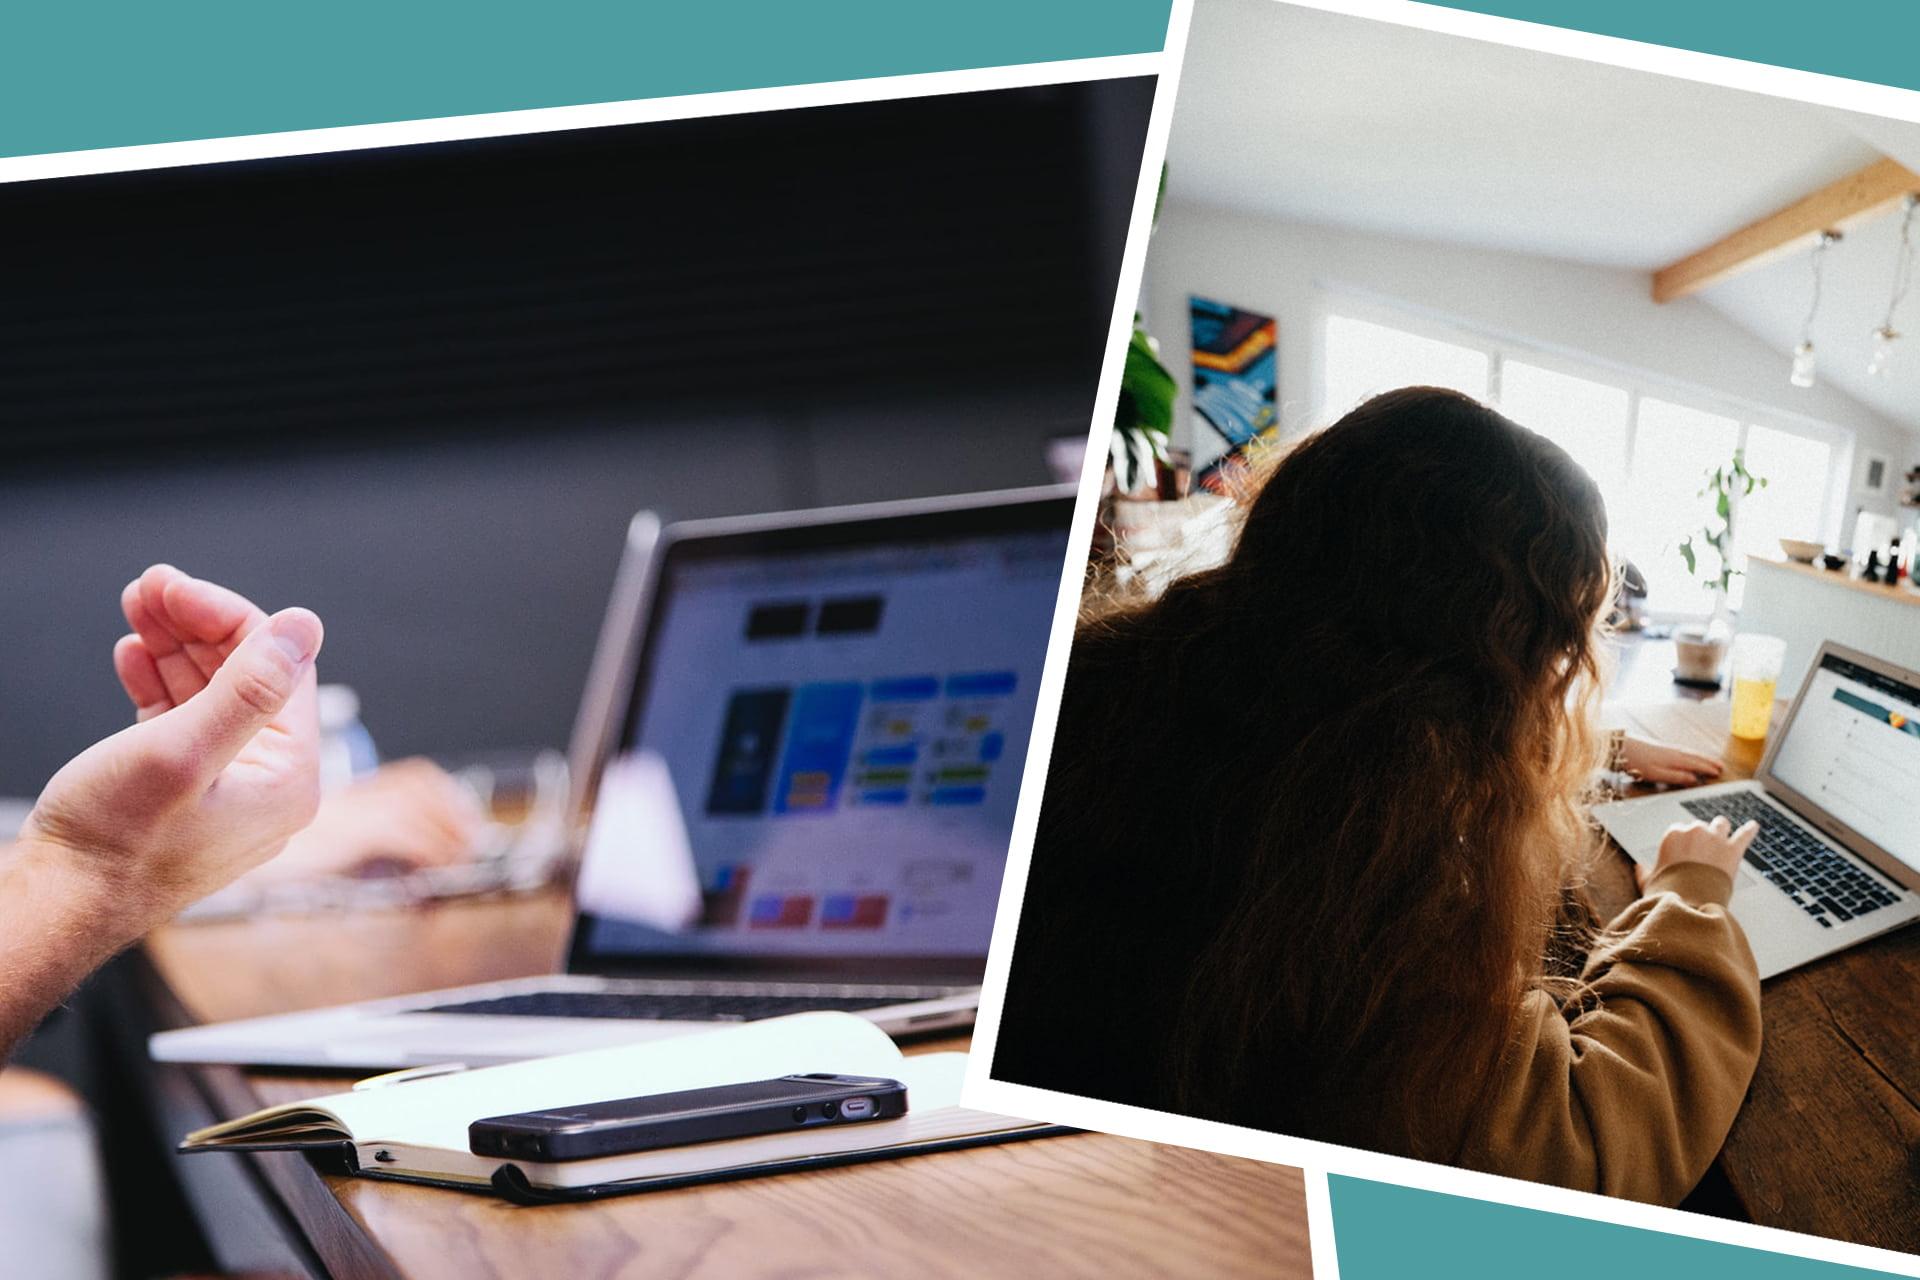 Hybride Arbeit – Teil 1: Schenkt den Vorteilen von Home Office mehr Aufmerksamkeit